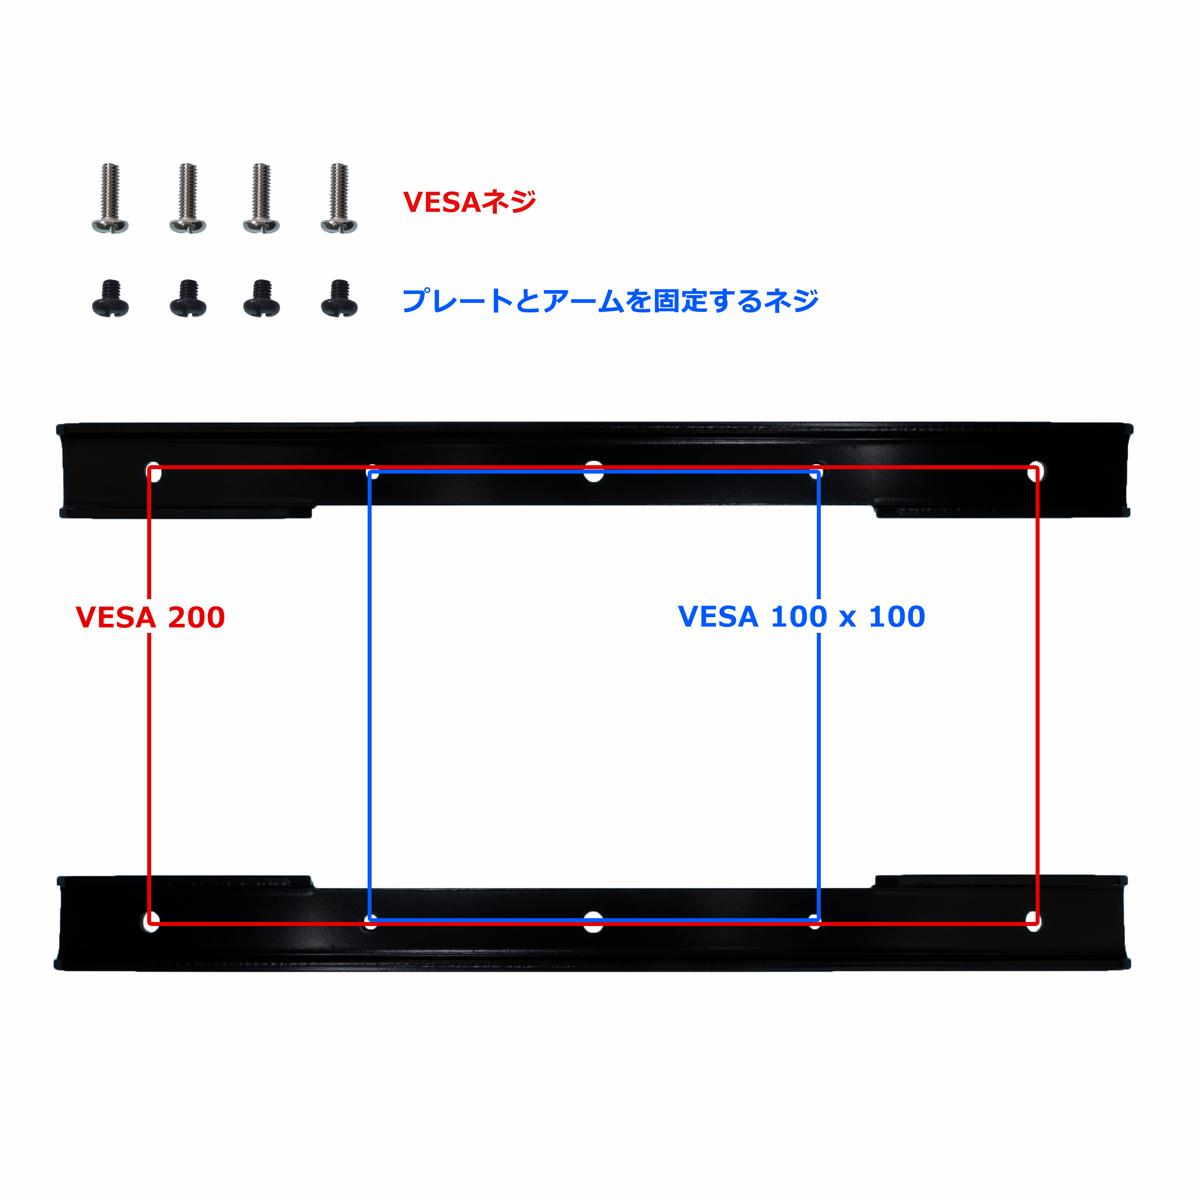 VESA200変換プレート3